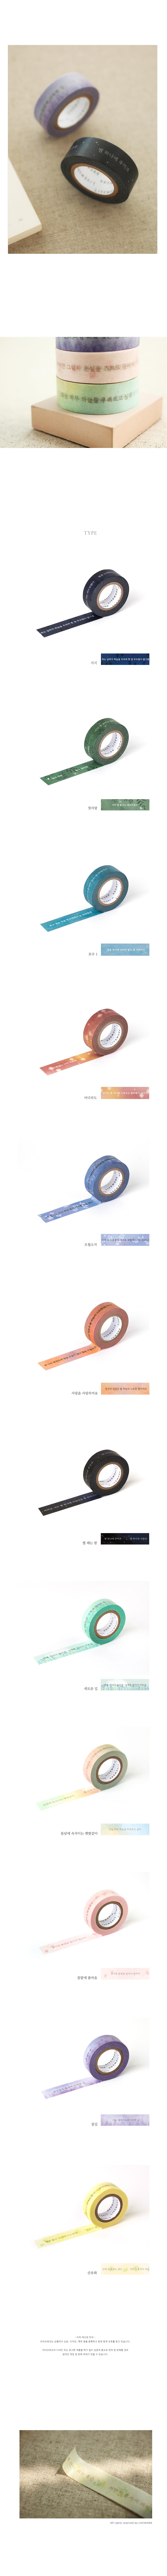 시화 PAPER TAPE3,500원-라이브워크디자인문구, 데코레이션, 마스킹 테이프, 종이 마스킹테이프바보사랑시화 PAPER TAPE3,500원-라이브워크디자인문구, 데코레이션, 마스킹 테이프, 종이 마스킹테이프바보사랑